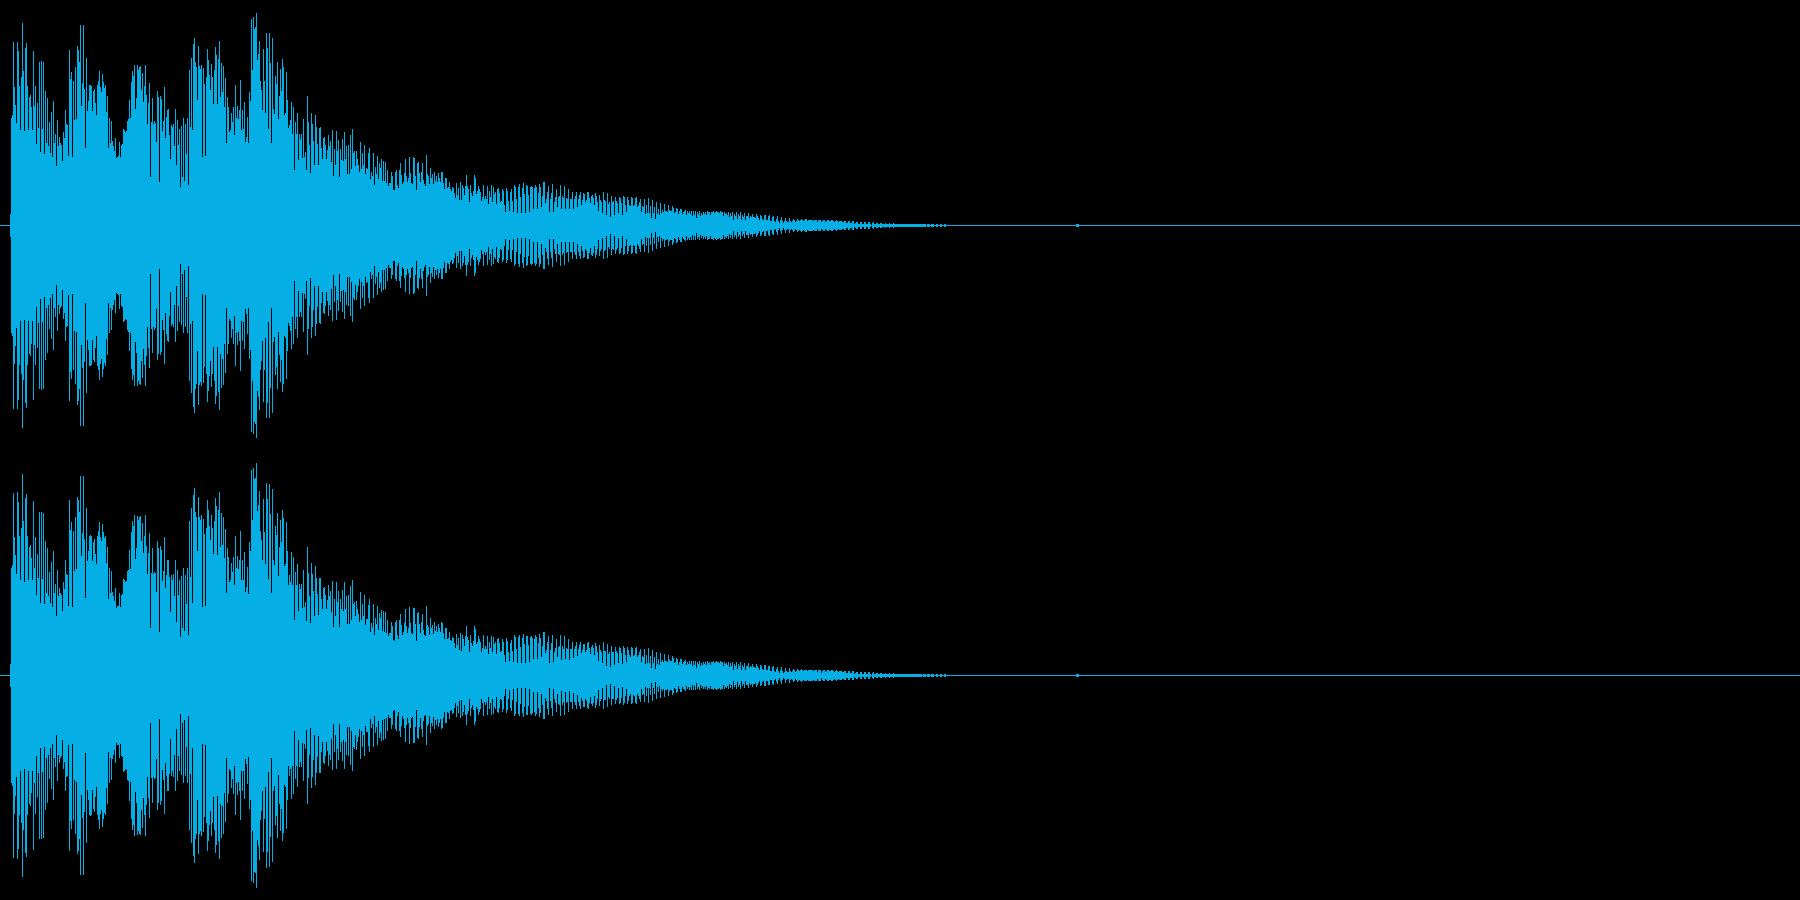 ボヨヨーンとした音色のサウンドロゴの再生済みの波形